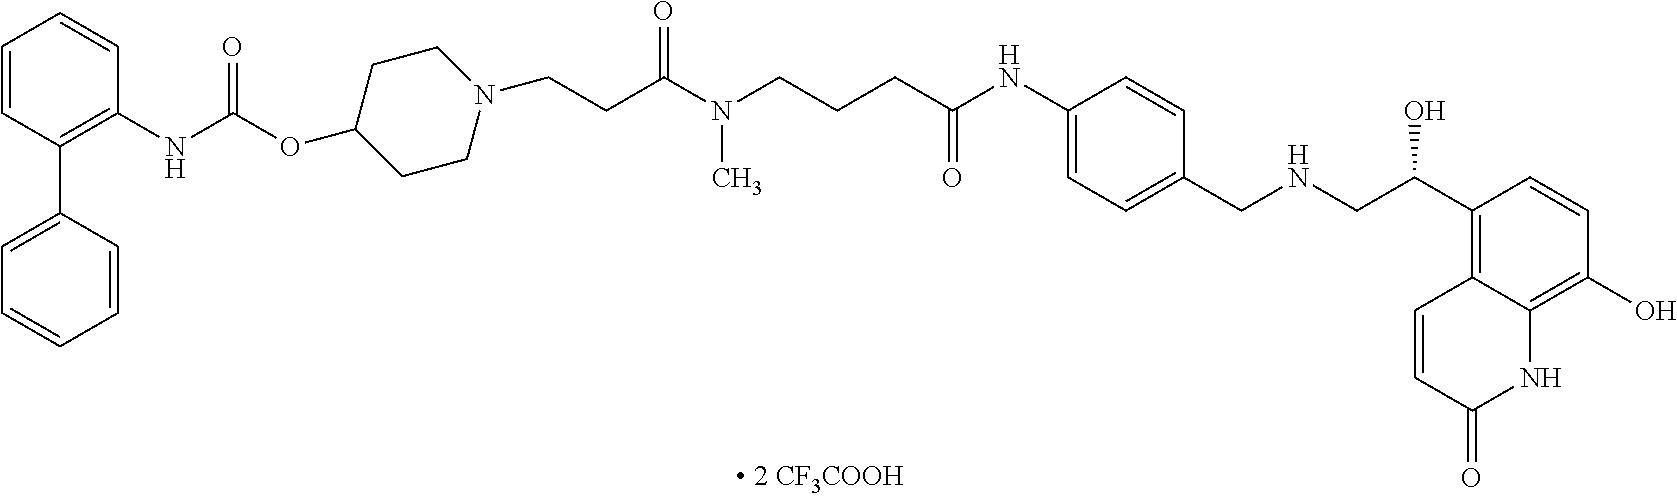 Figure US10138220-20181127-C00256